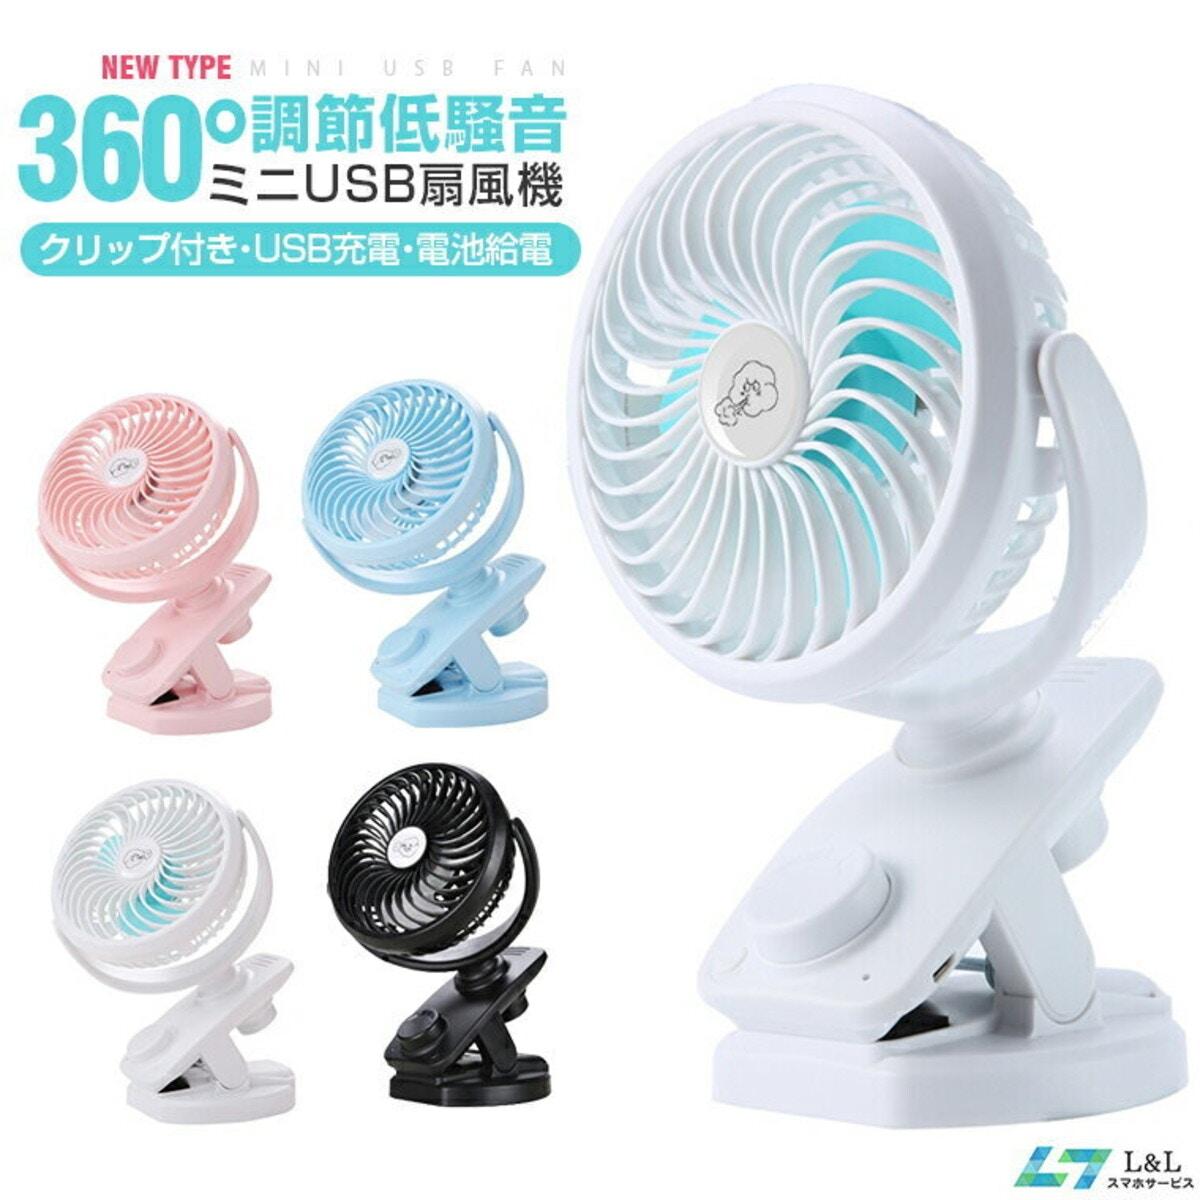 卓上扇風機 ベビーカー 扇風機